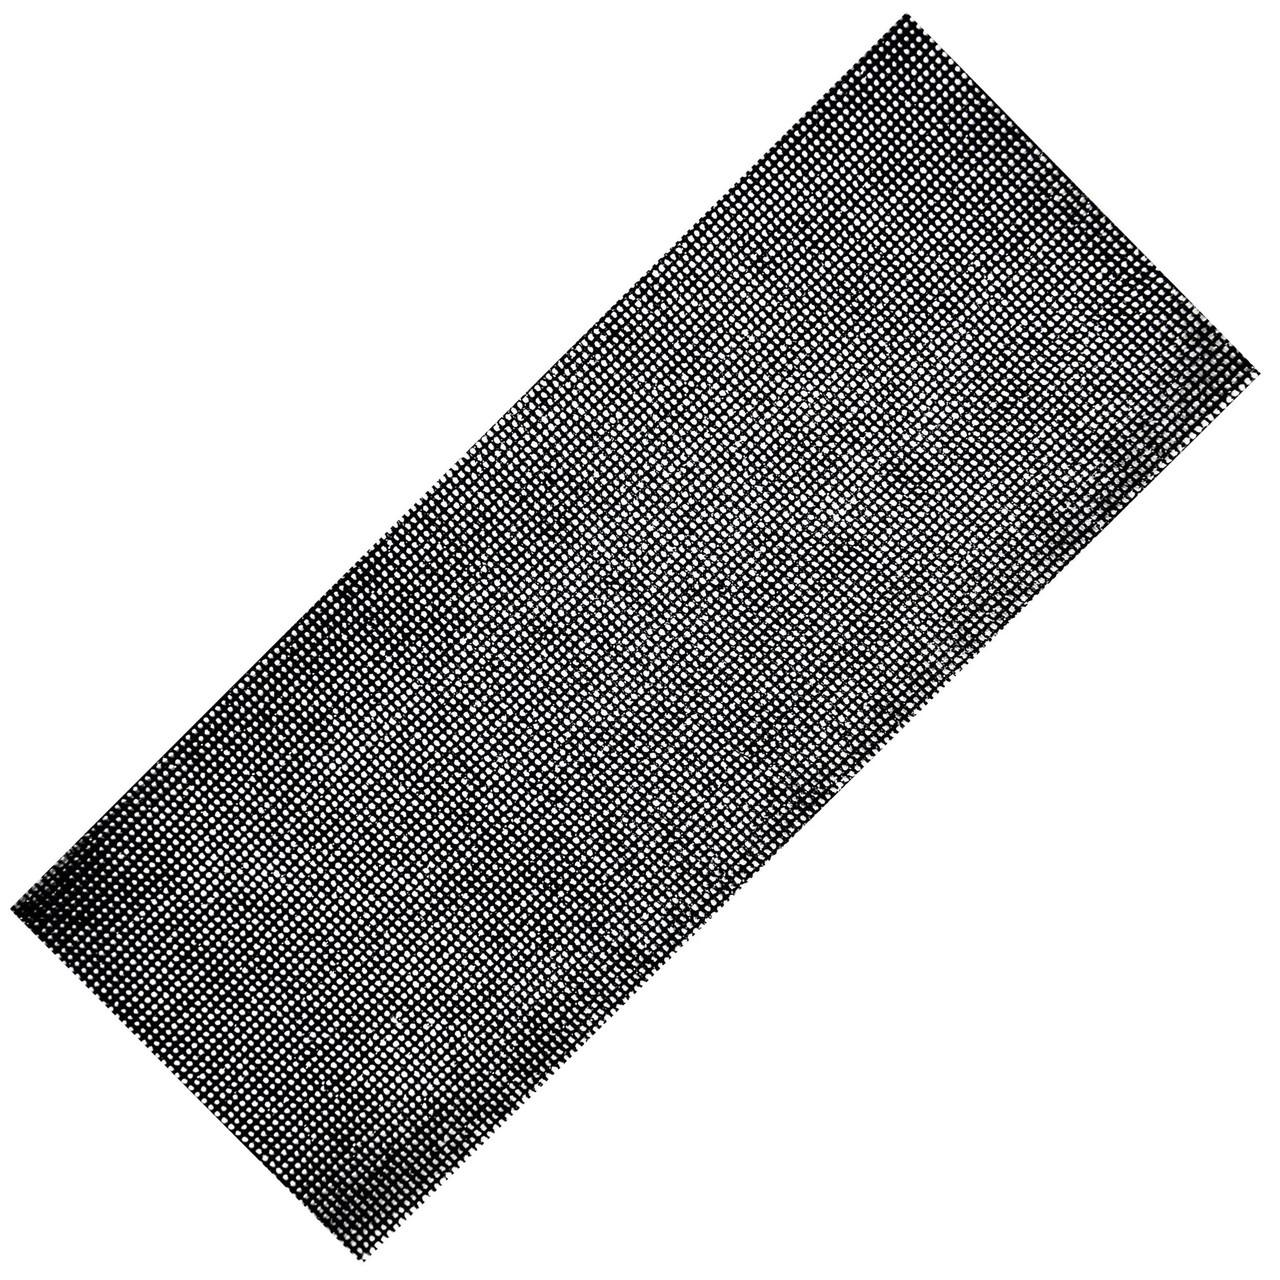 Сітка шліфувальна Spitce 115 х 280 мм Р220 5 листів (18-733)